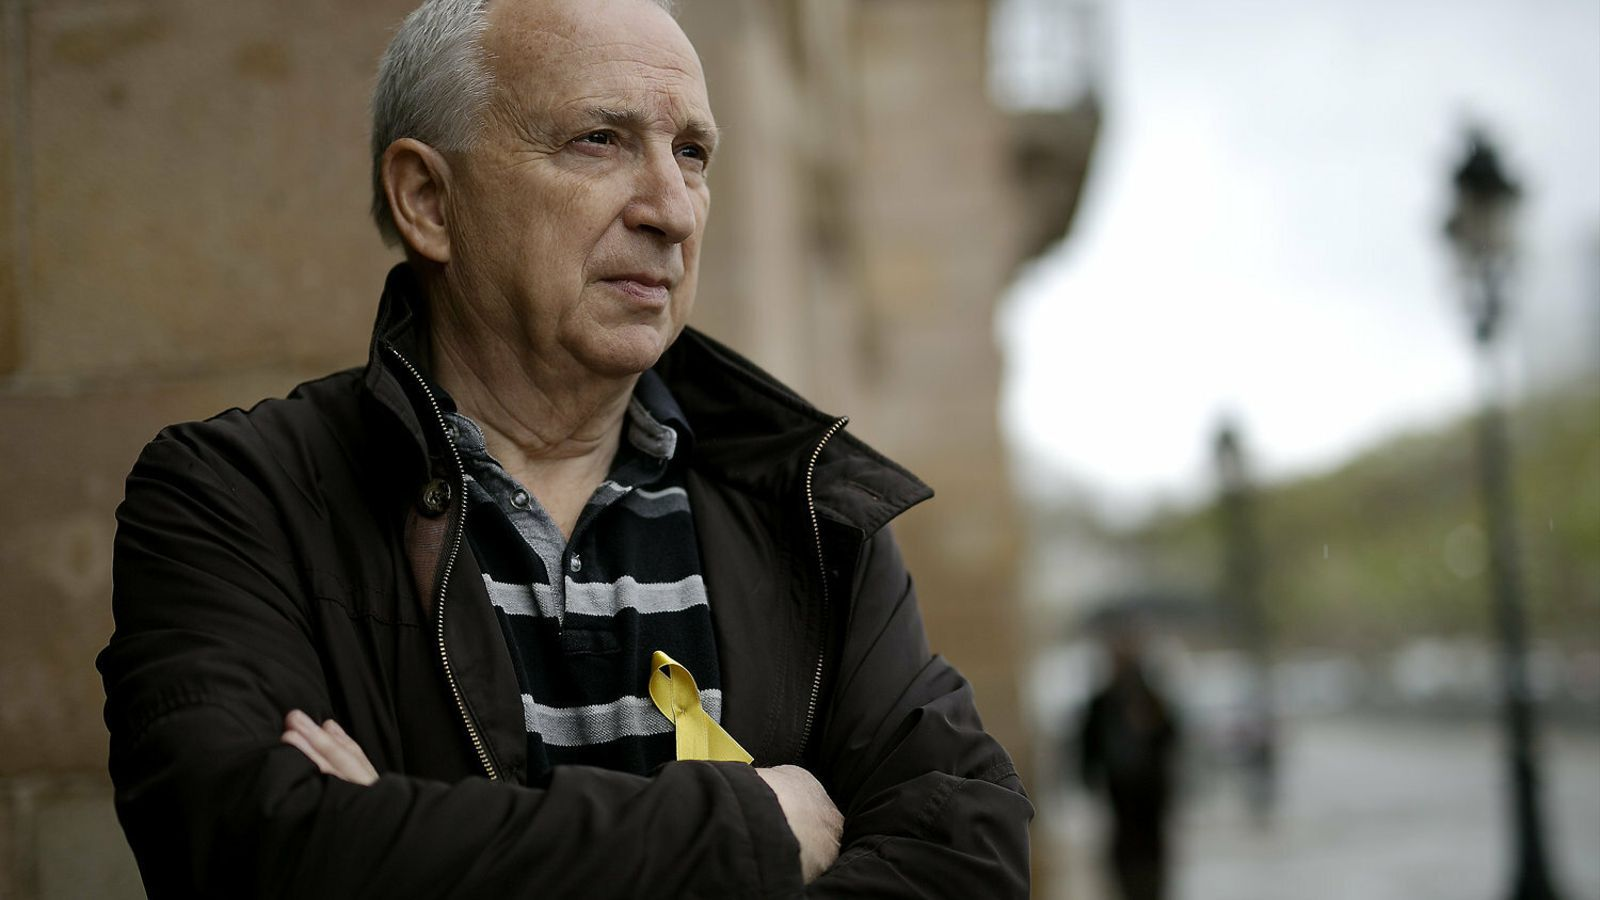 """Bernat Pegueroles: """"He vist la Carme tranquil·la, com si estigués examinant-se"""""""